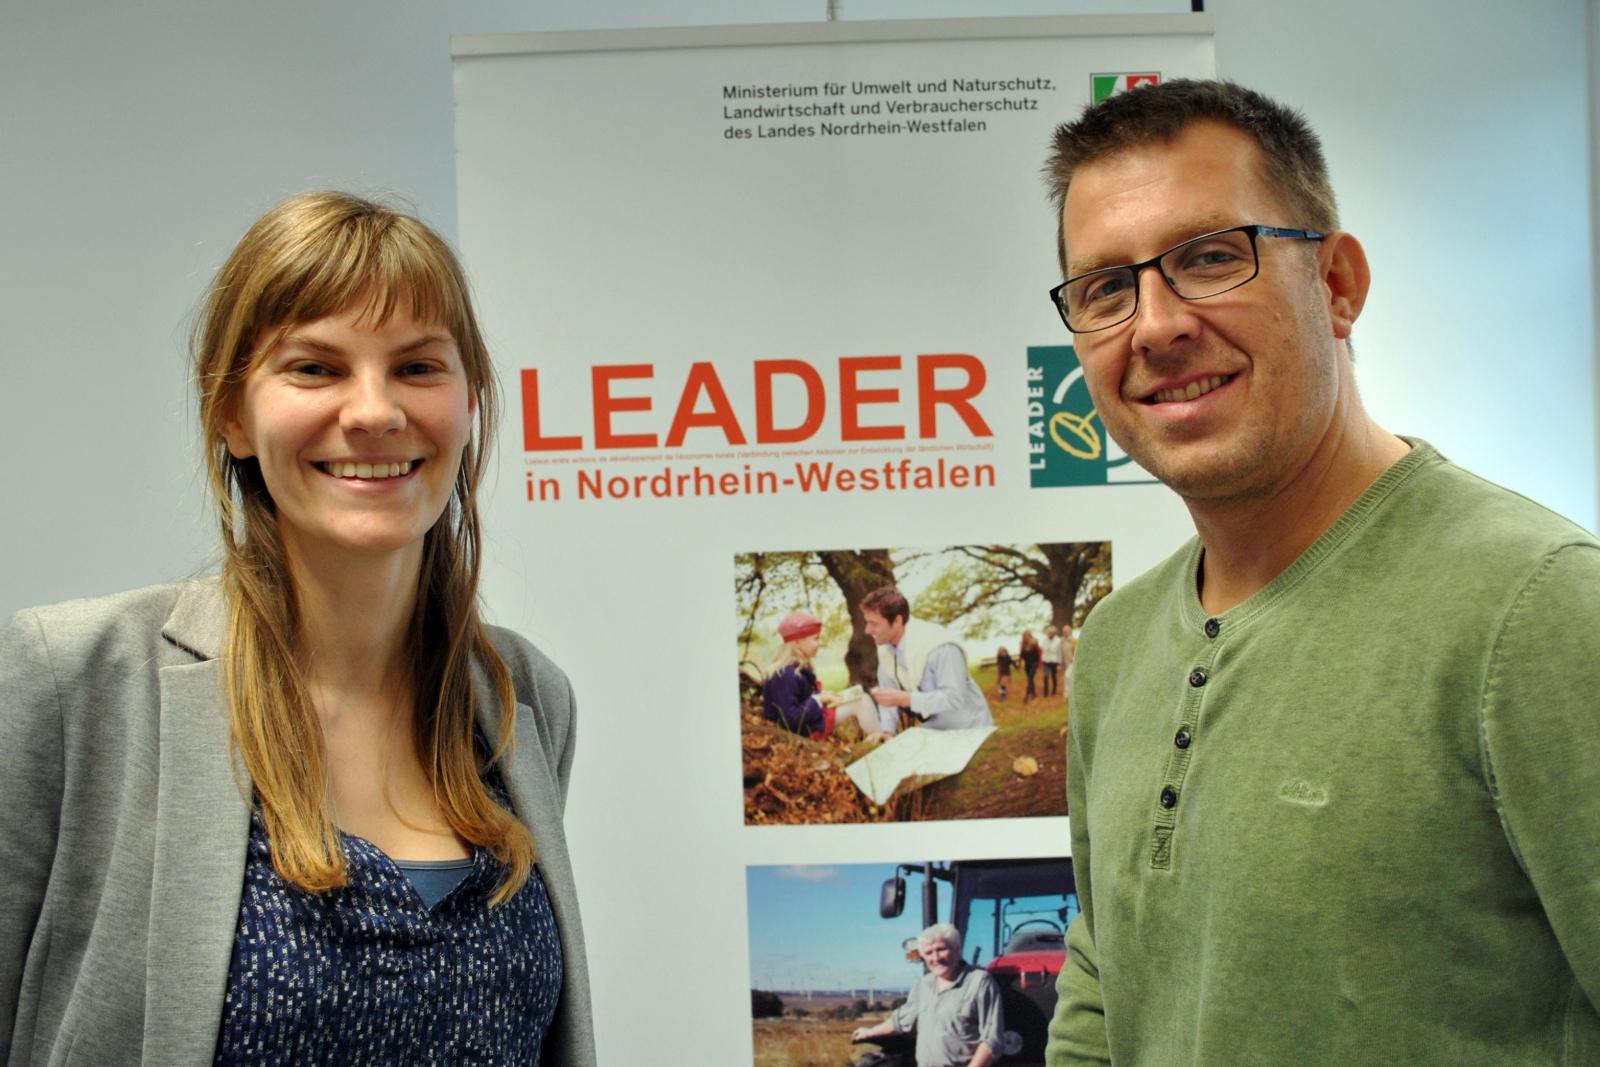 Leader-Regionen sprechen über erste Kooperationsprojekte